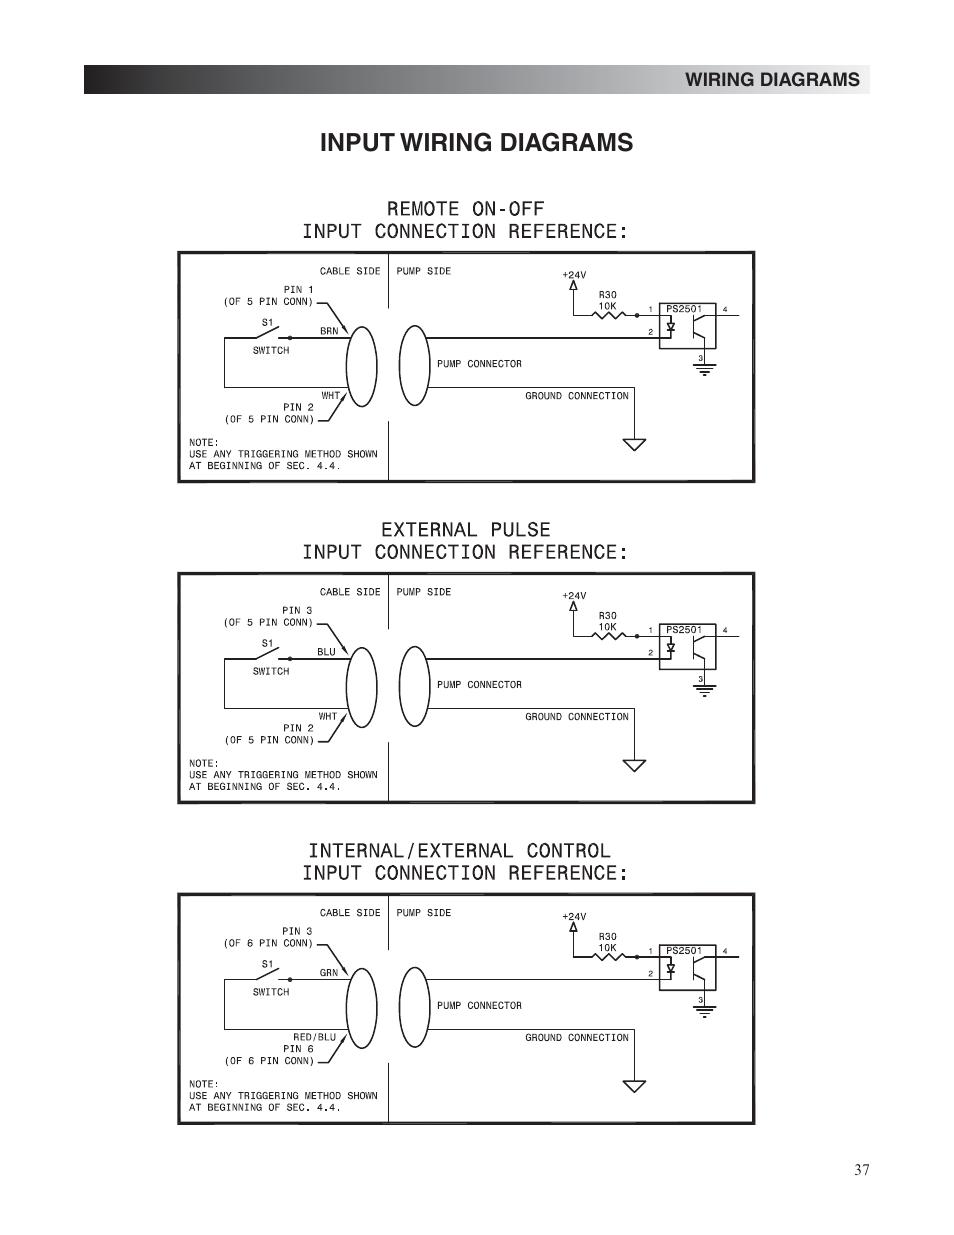 Input Wiring Diagrams